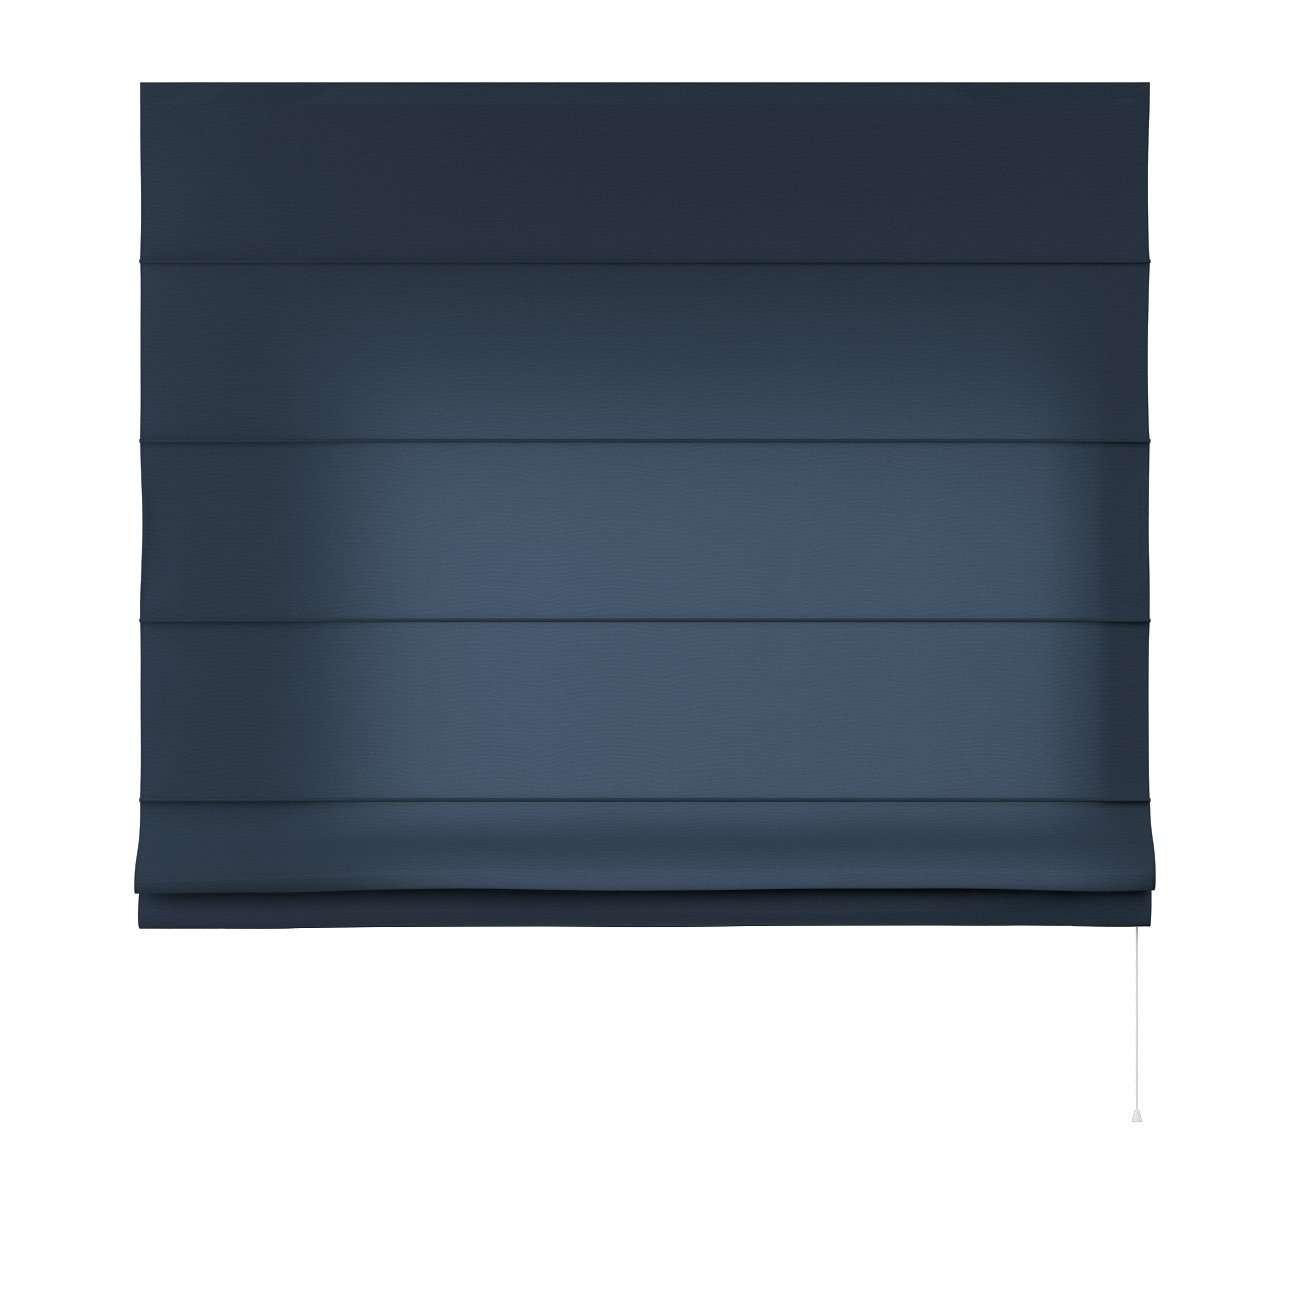 Romanetės Capri 80 x 170 cm (plotis x ilgis) kolekcijoje Quadro, audinys: 136-04